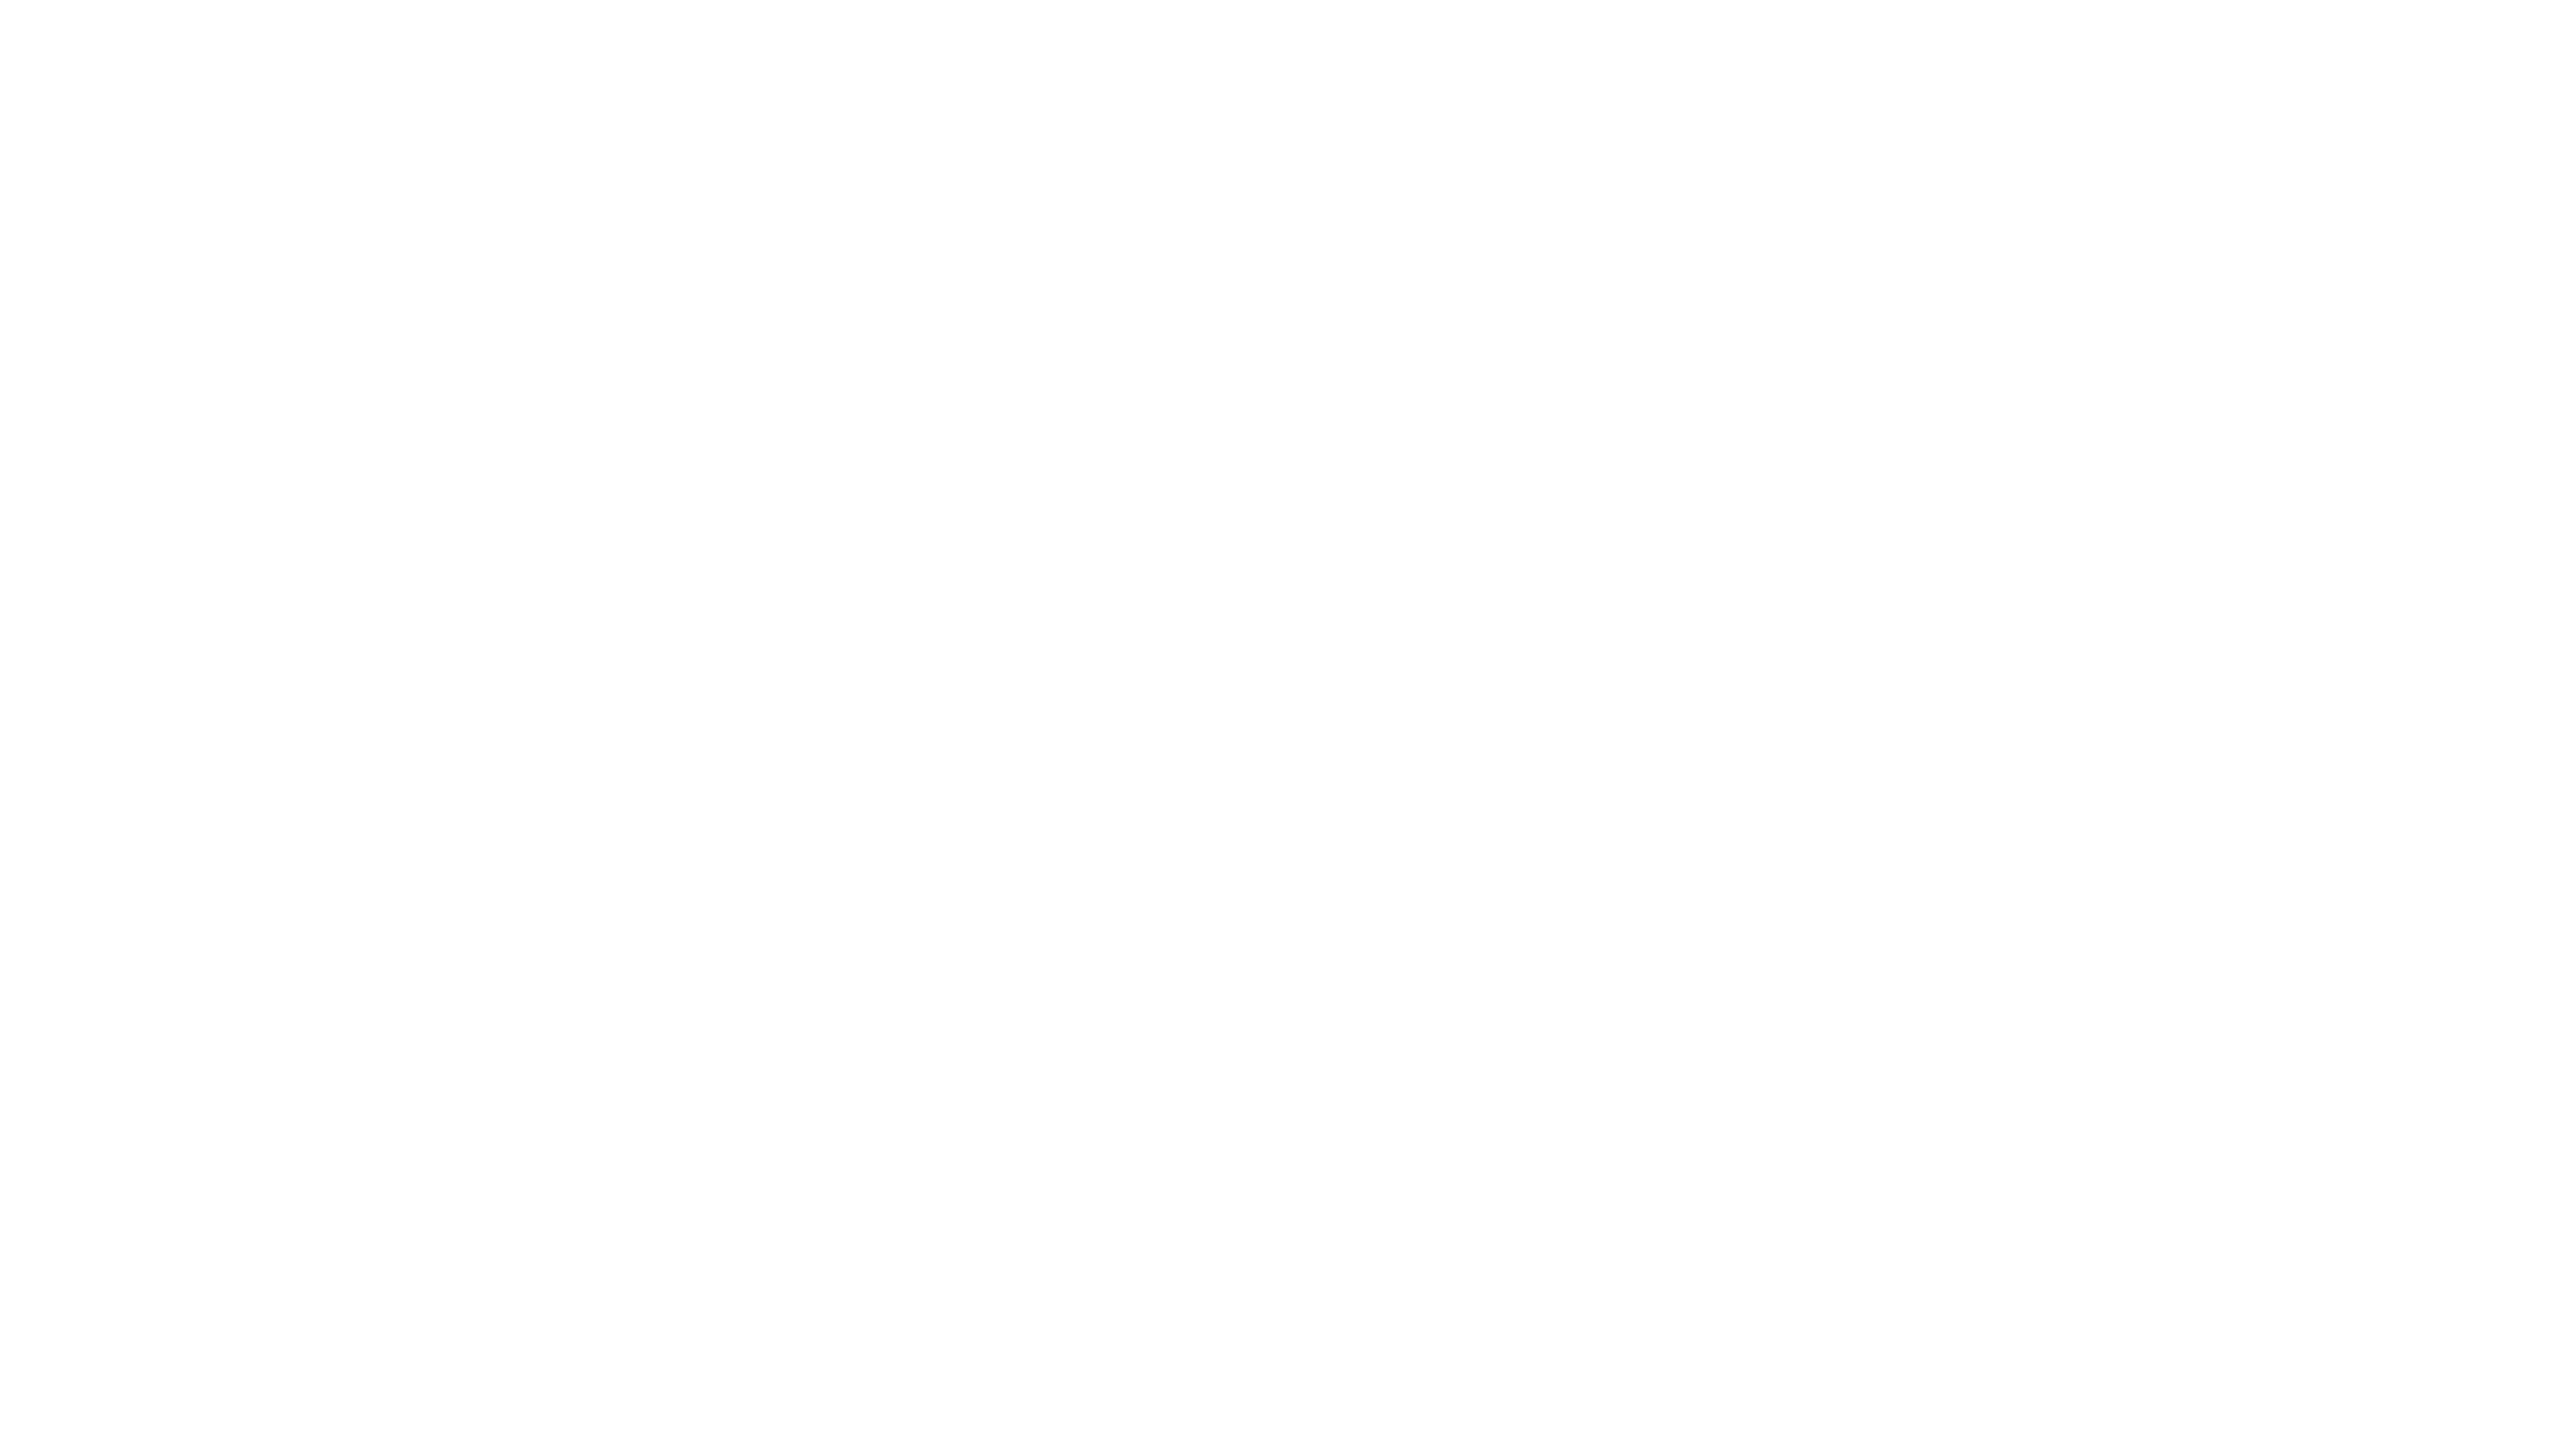 LogoFlo